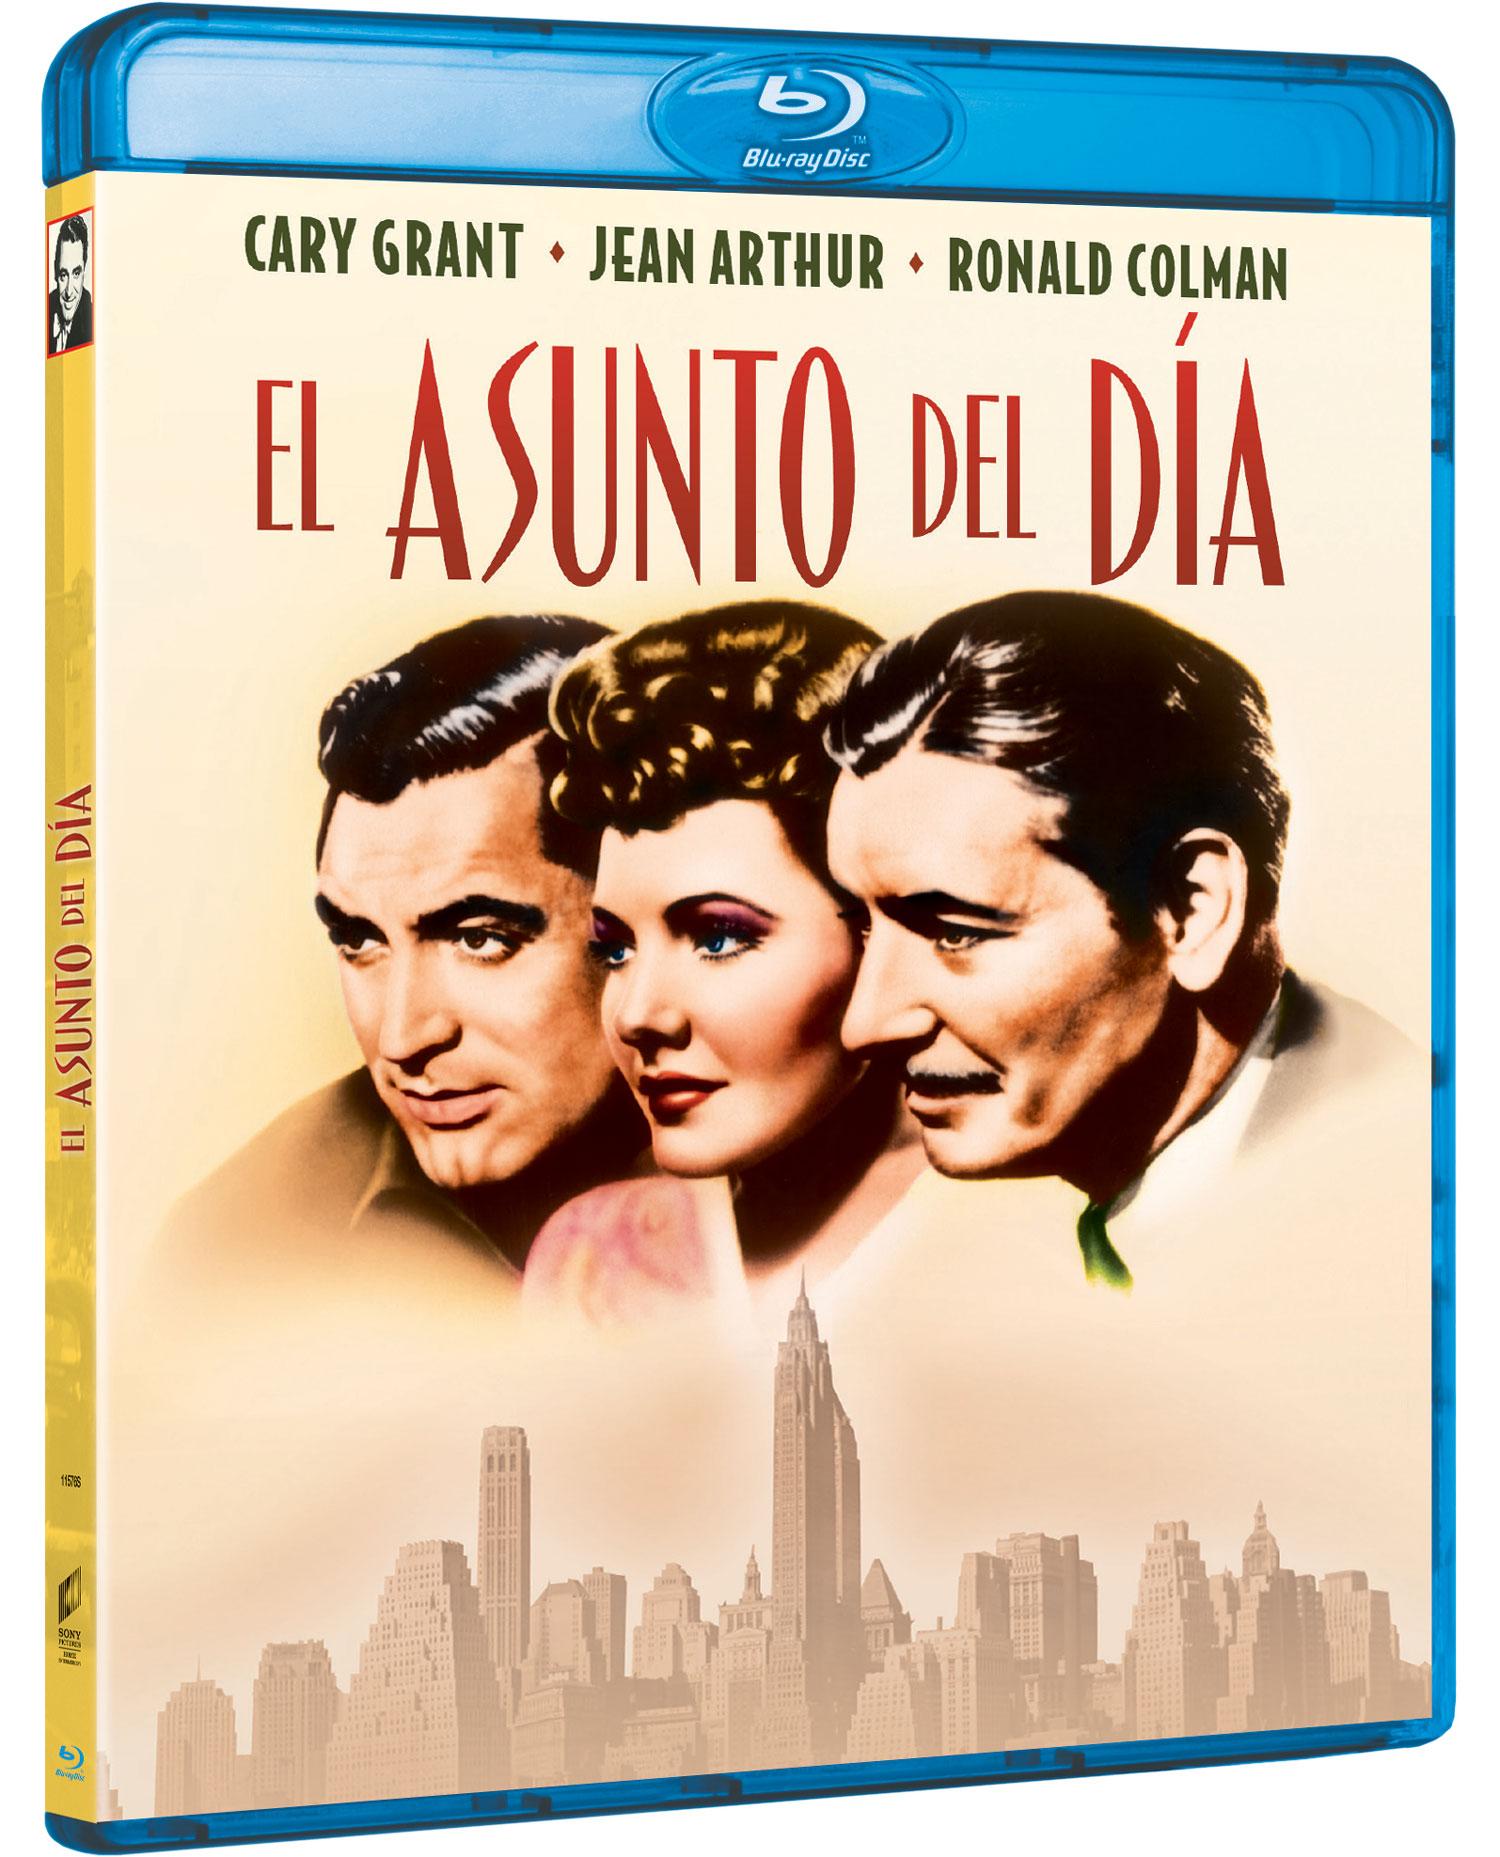 'El asunto del día' Blu-ray | Sony Pictures Video España